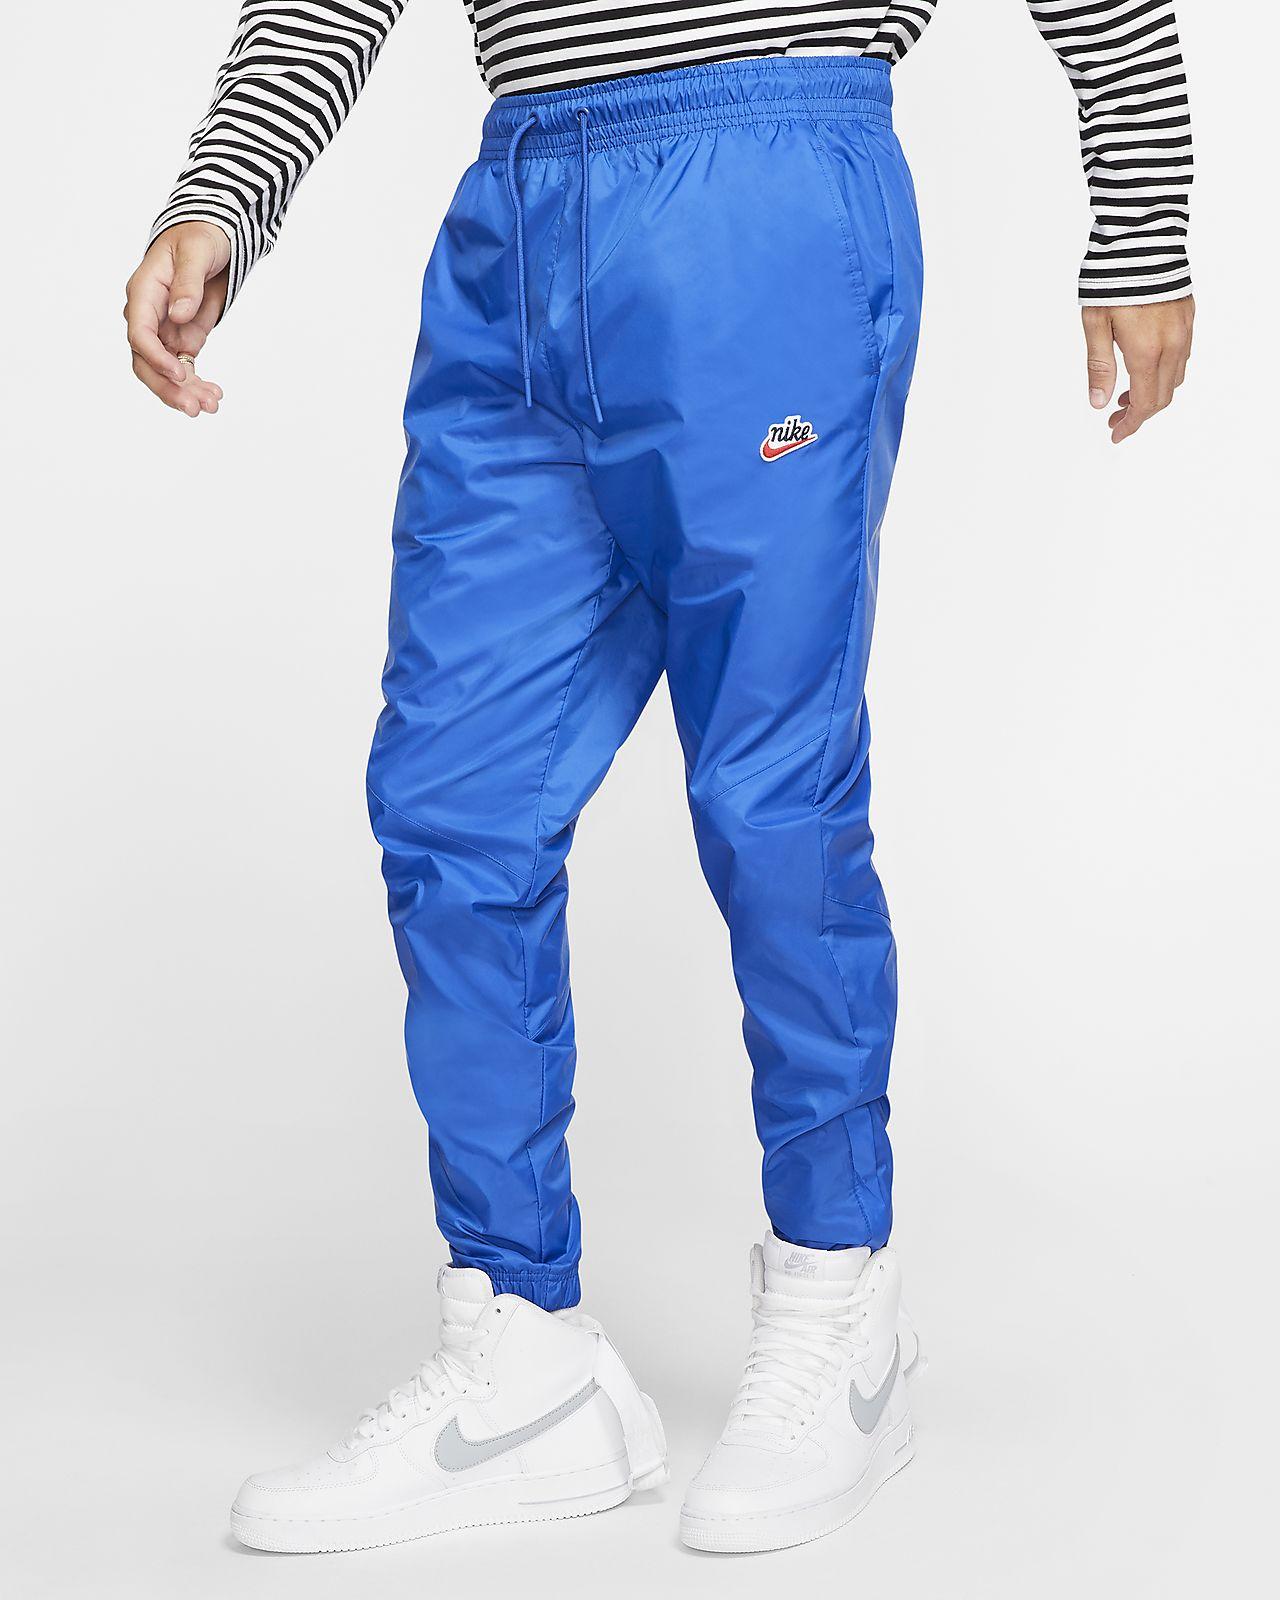 Ανδρικό παντελόνι Nike Sportswear Windrunner